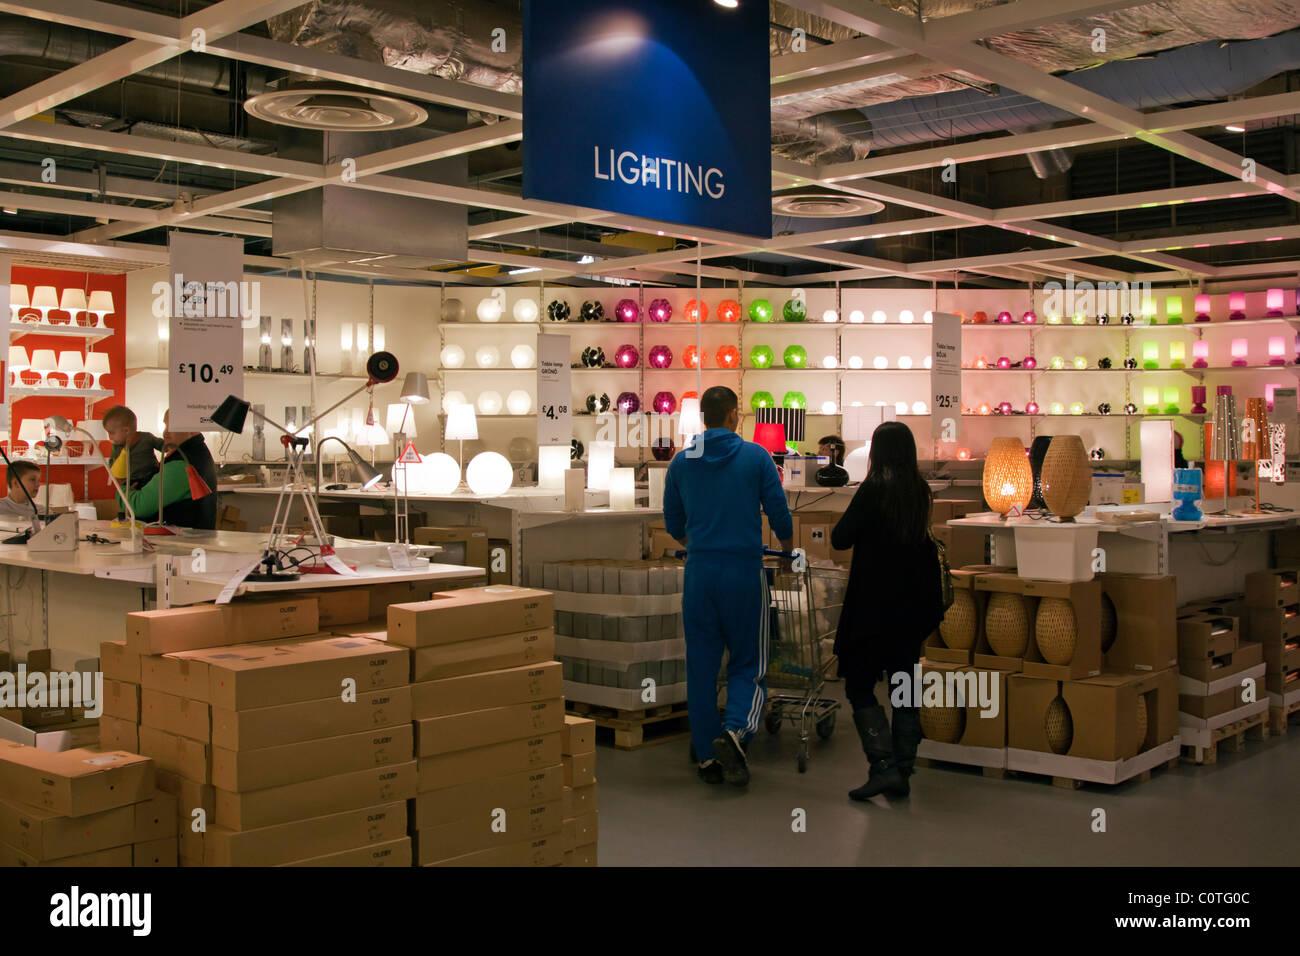 Dipartimento di illuminazione negozio ikea wembley londra foto